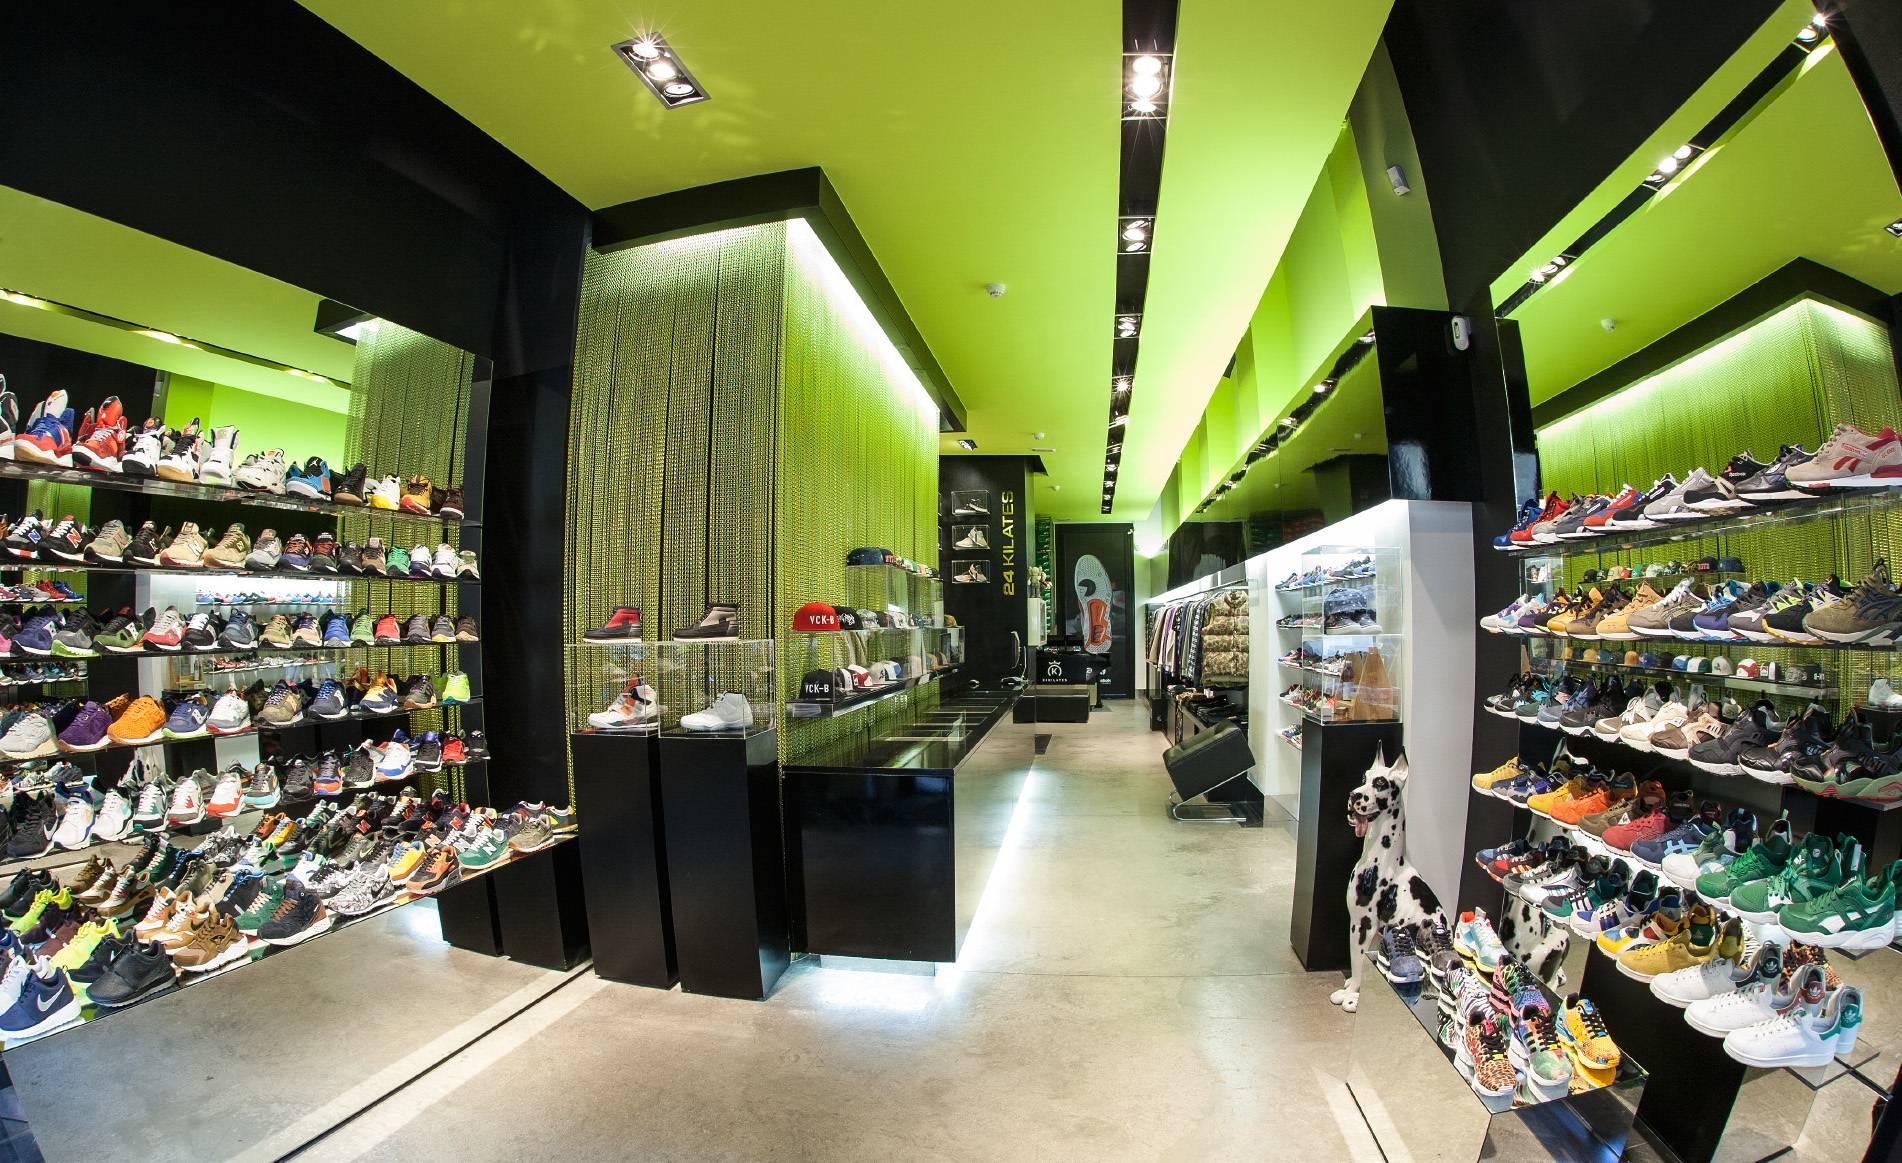 Магазин 24 Kilates — отец-основатель уличной моды в Барселоне